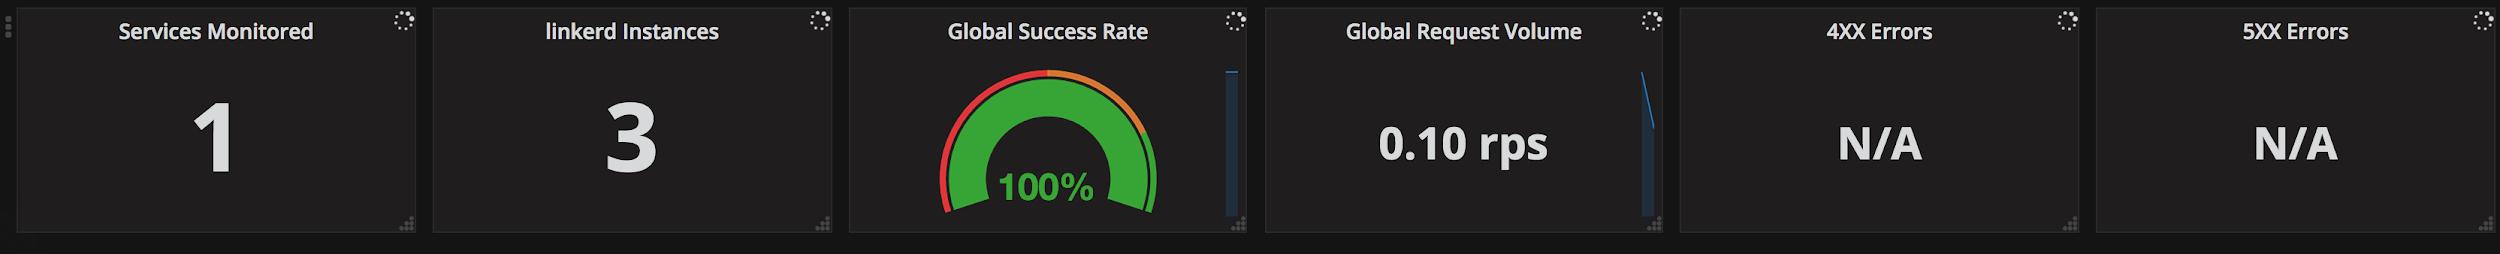 集群和应用程序级别代理指标视图